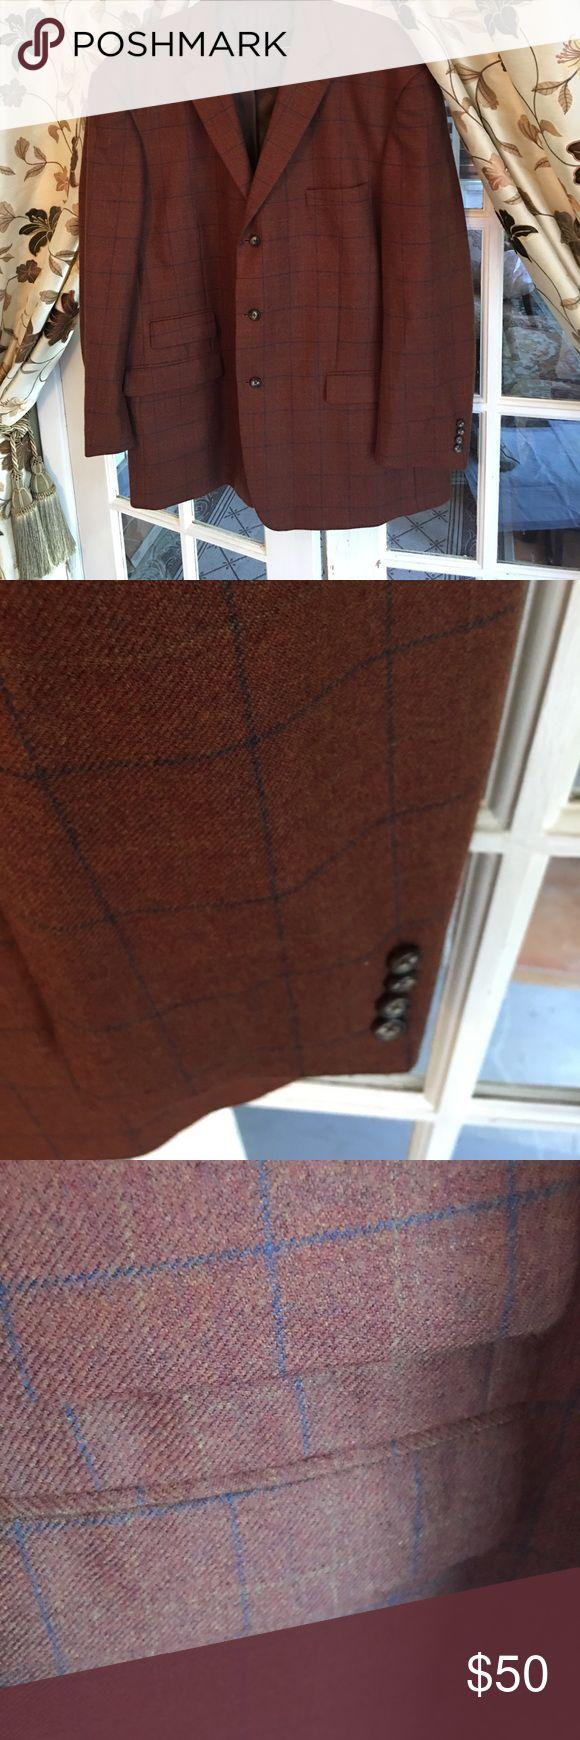 Men's wool jacket Rust wool blazer men's jacket paul frederick Suits & Blazers Sport Coats & Blazers